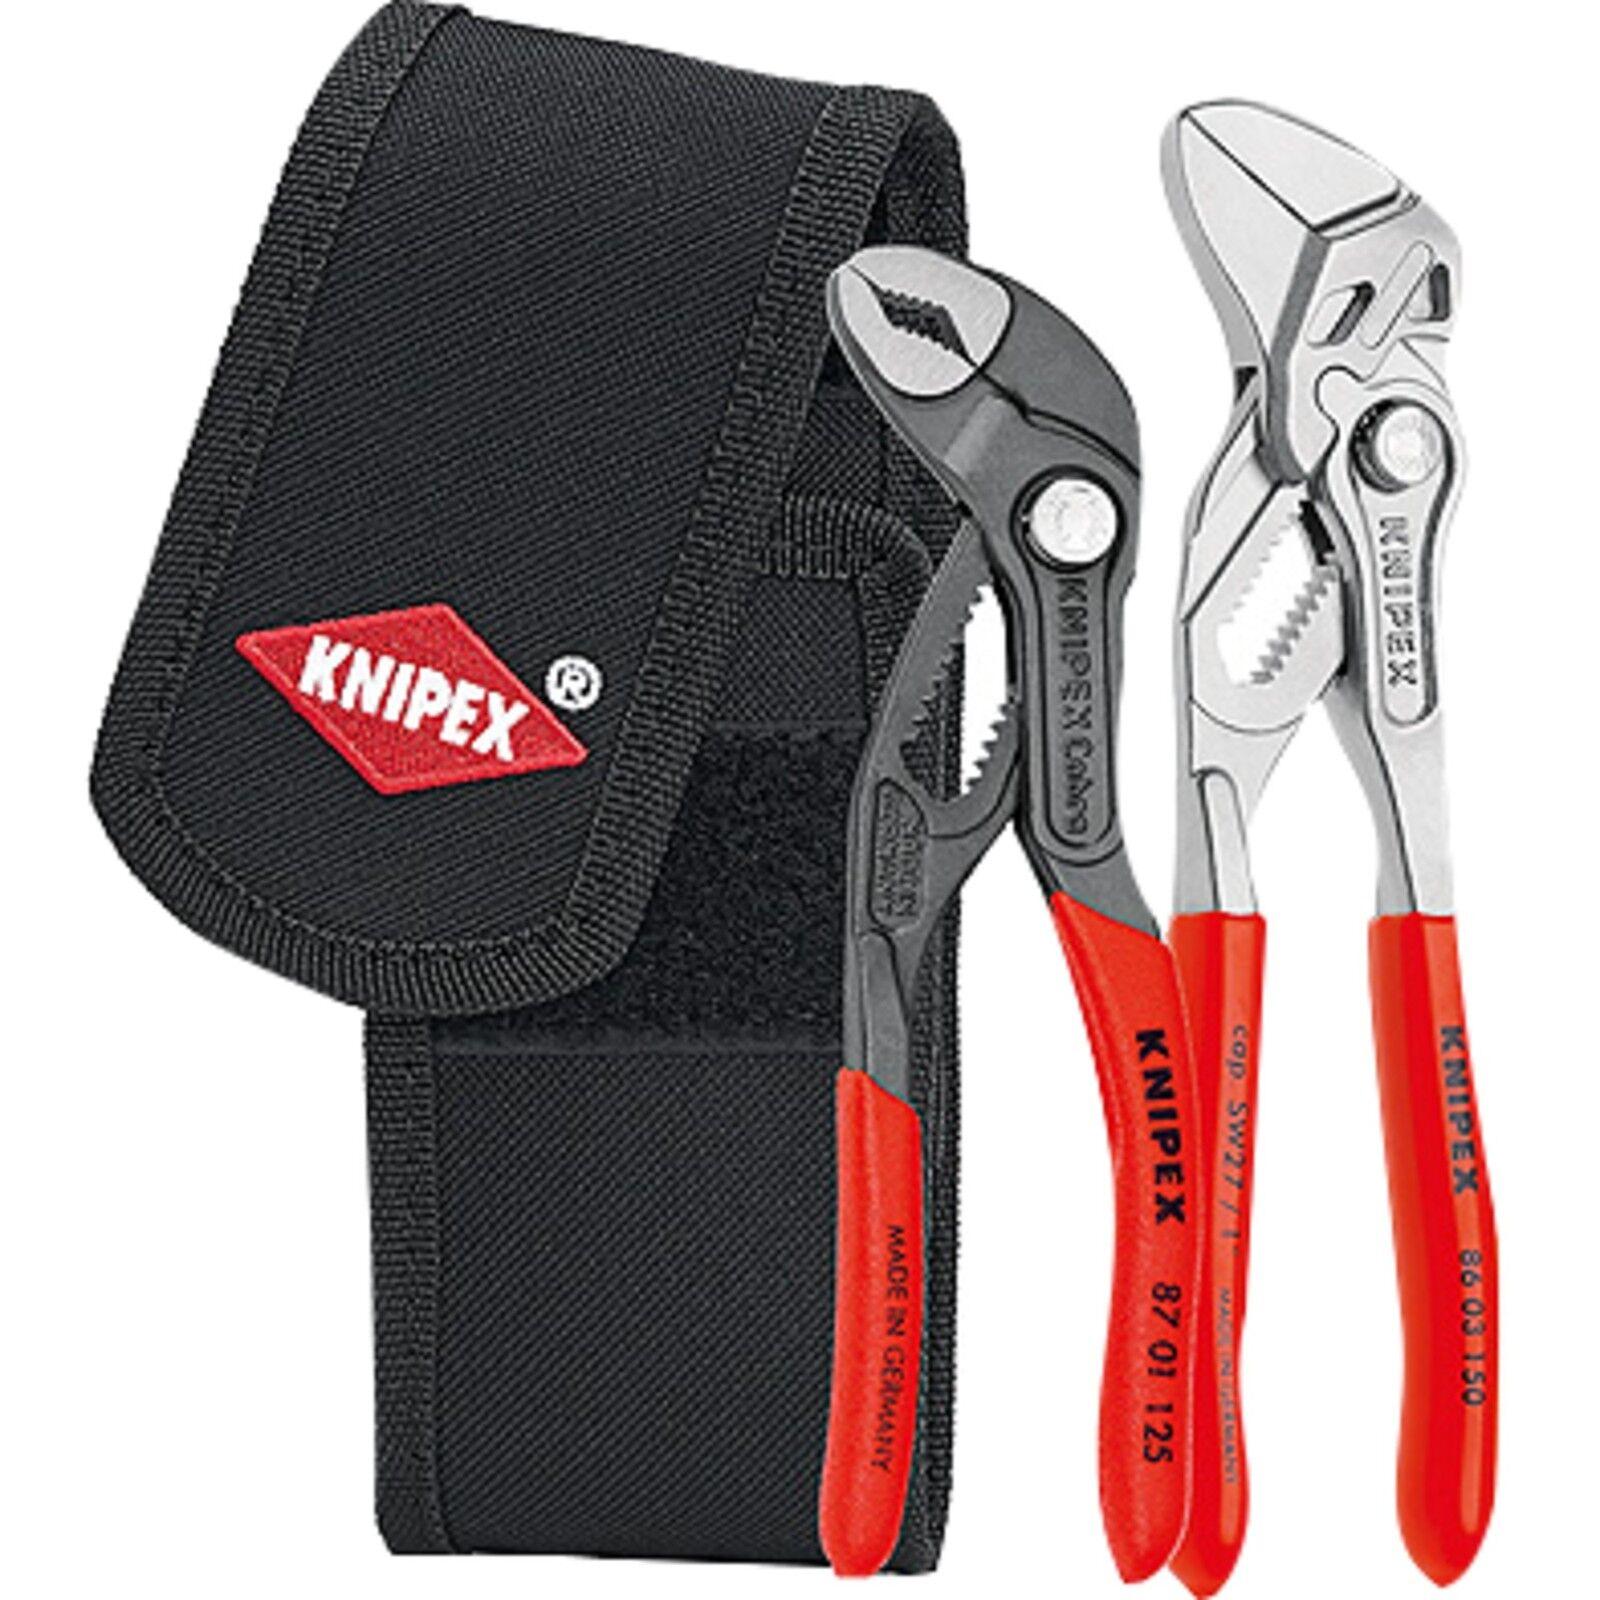 Knipex Mini-Zangenset 002072V01, 2-teilig, Zangen-Set, rot